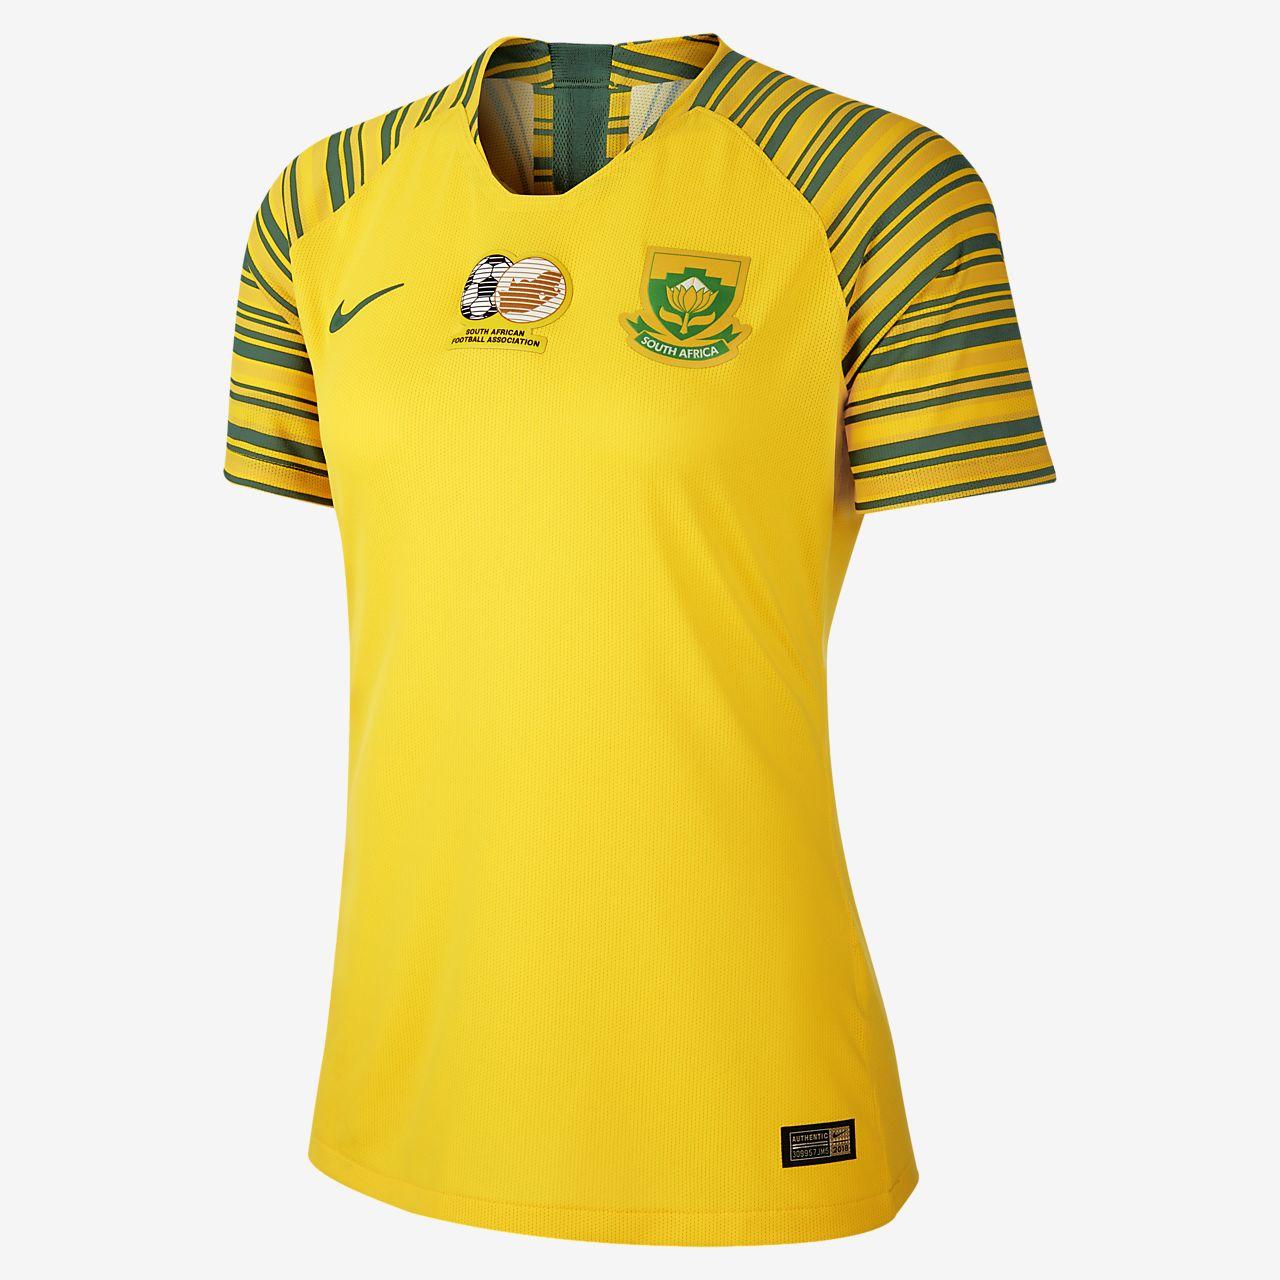 Fotbollströja South Africa 2019 Home för kvinnor